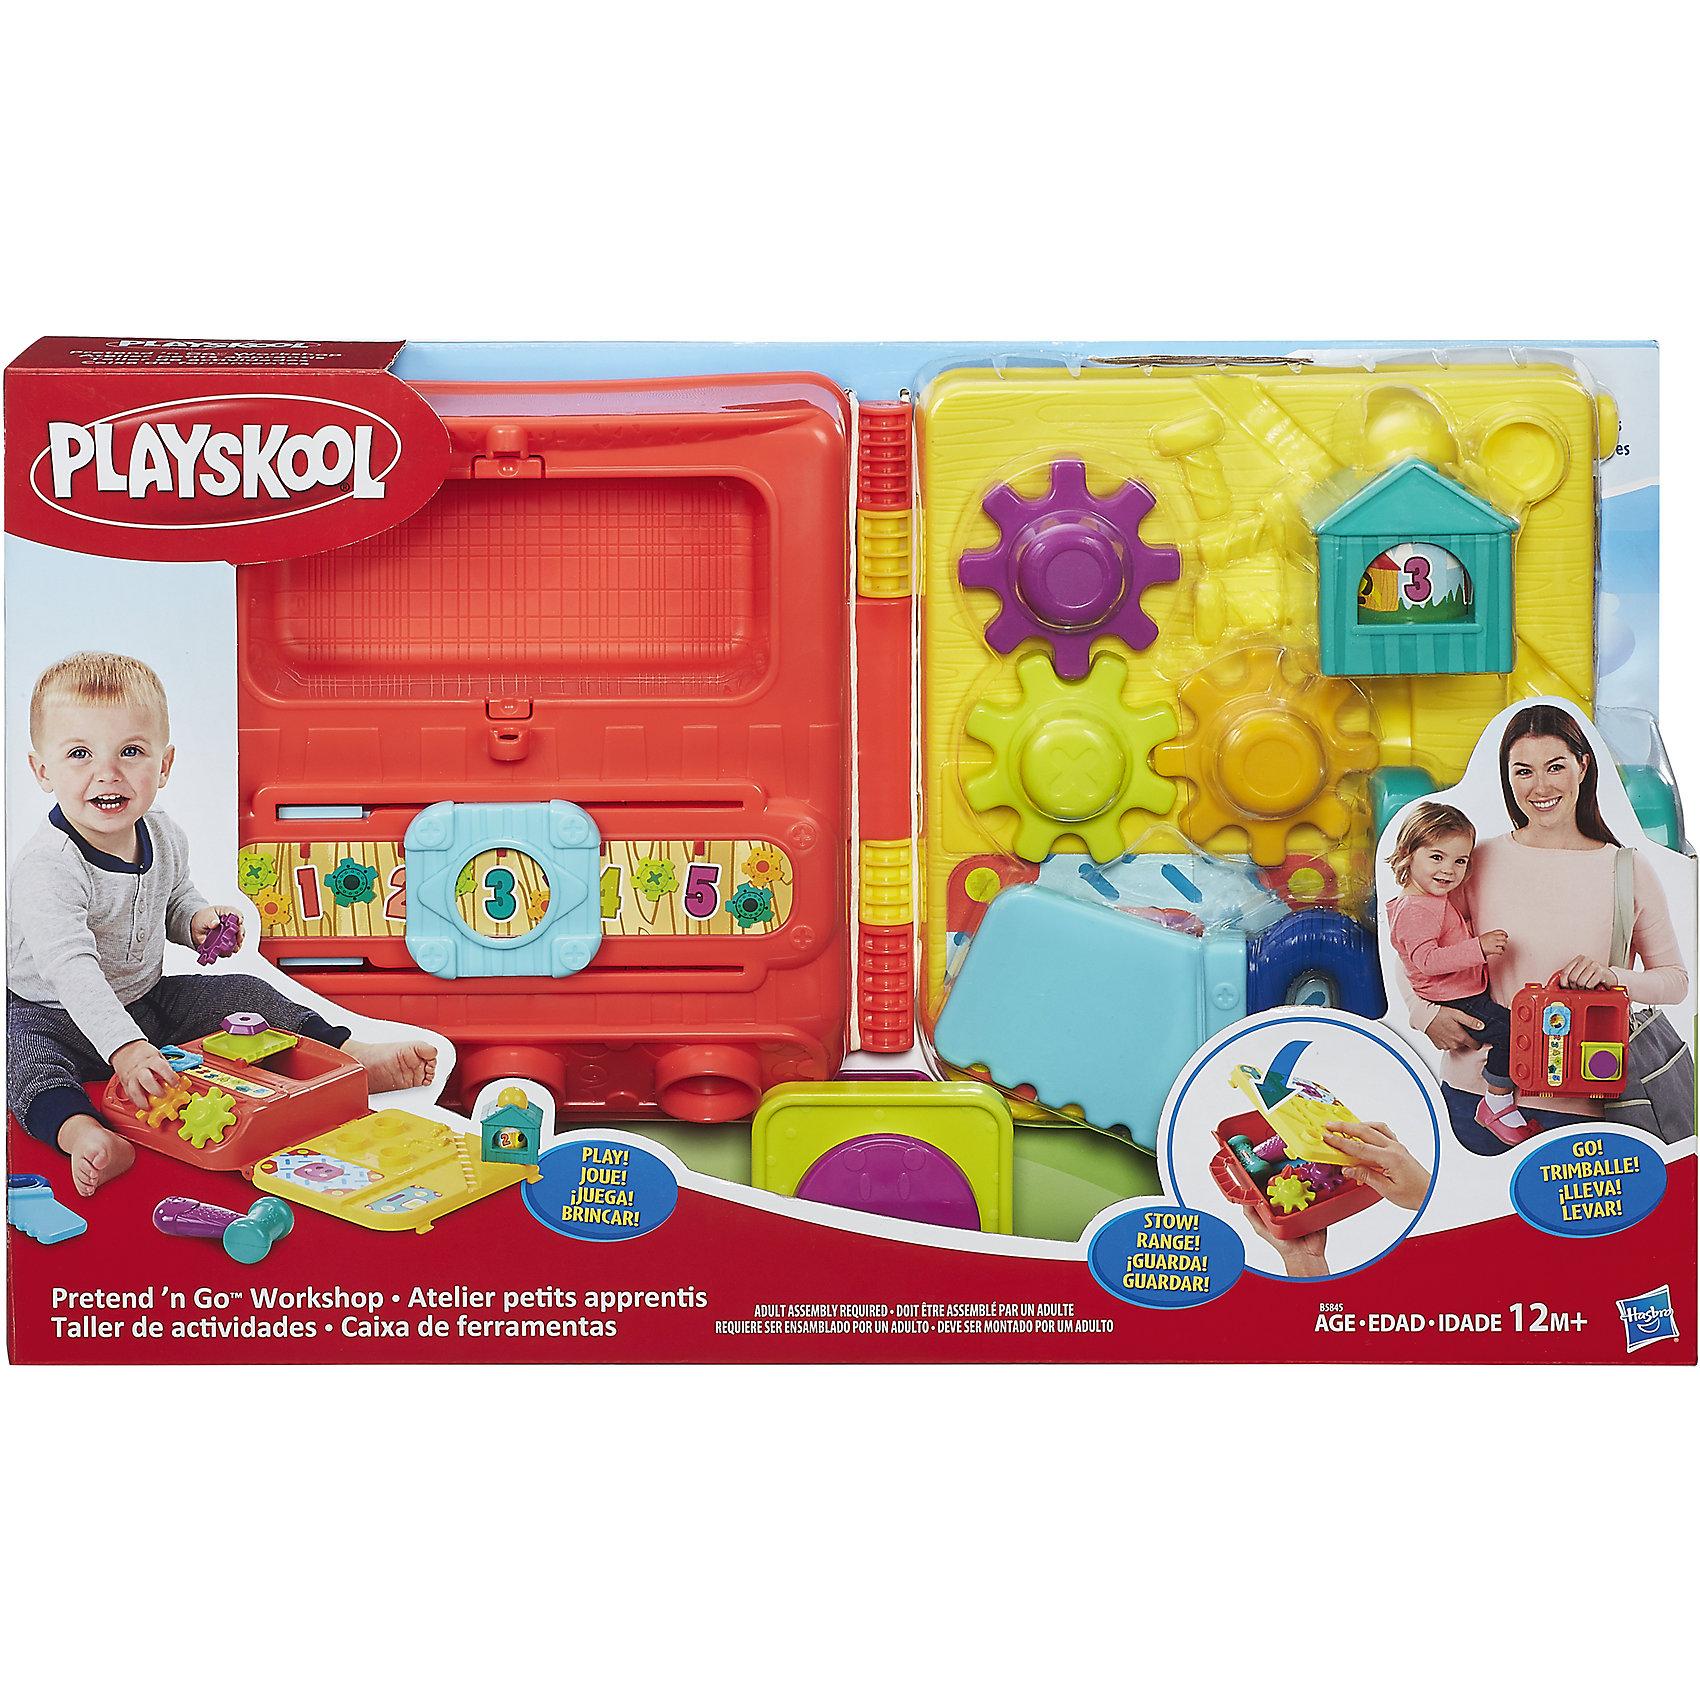 Моя первая мастерская возьми с собой, PLAYSKOOL, HasbroРазвивающие игрушки<br><br><br>Ширина мм: 467<br>Глубина мм: 244<br>Высота мм: 298<br>Вес г: 1139<br>Возраст от месяцев: 12<br>Возраст до месяцев: 2147483647<br>Пол: Унисекс<br>Возраст: Детский<br>SKU: 6753159